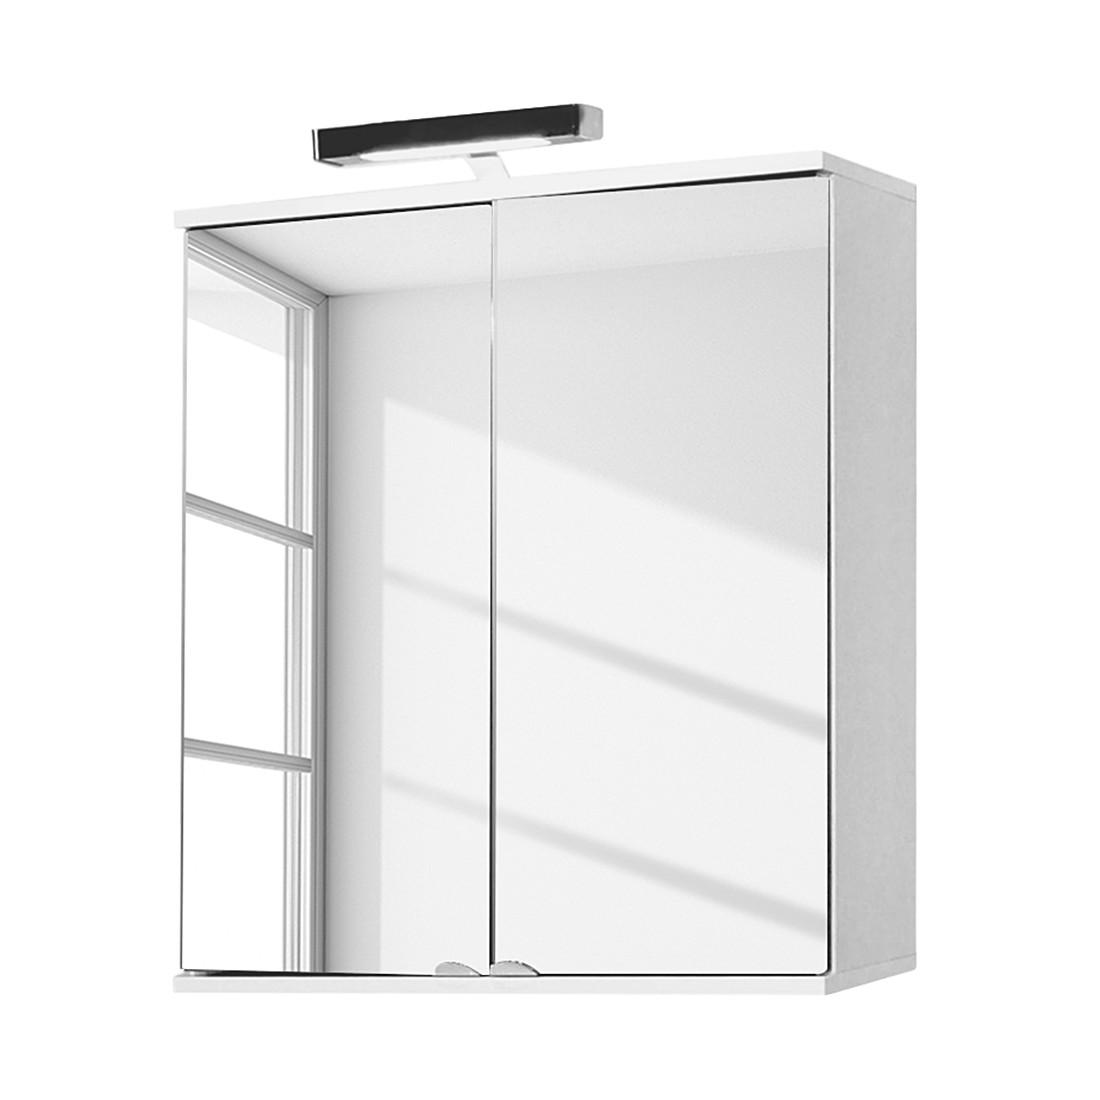 spiegelschrank largo wei schwarz giessbach g nstig. Black Bedroom Furniture Sets. Home Design Ideas